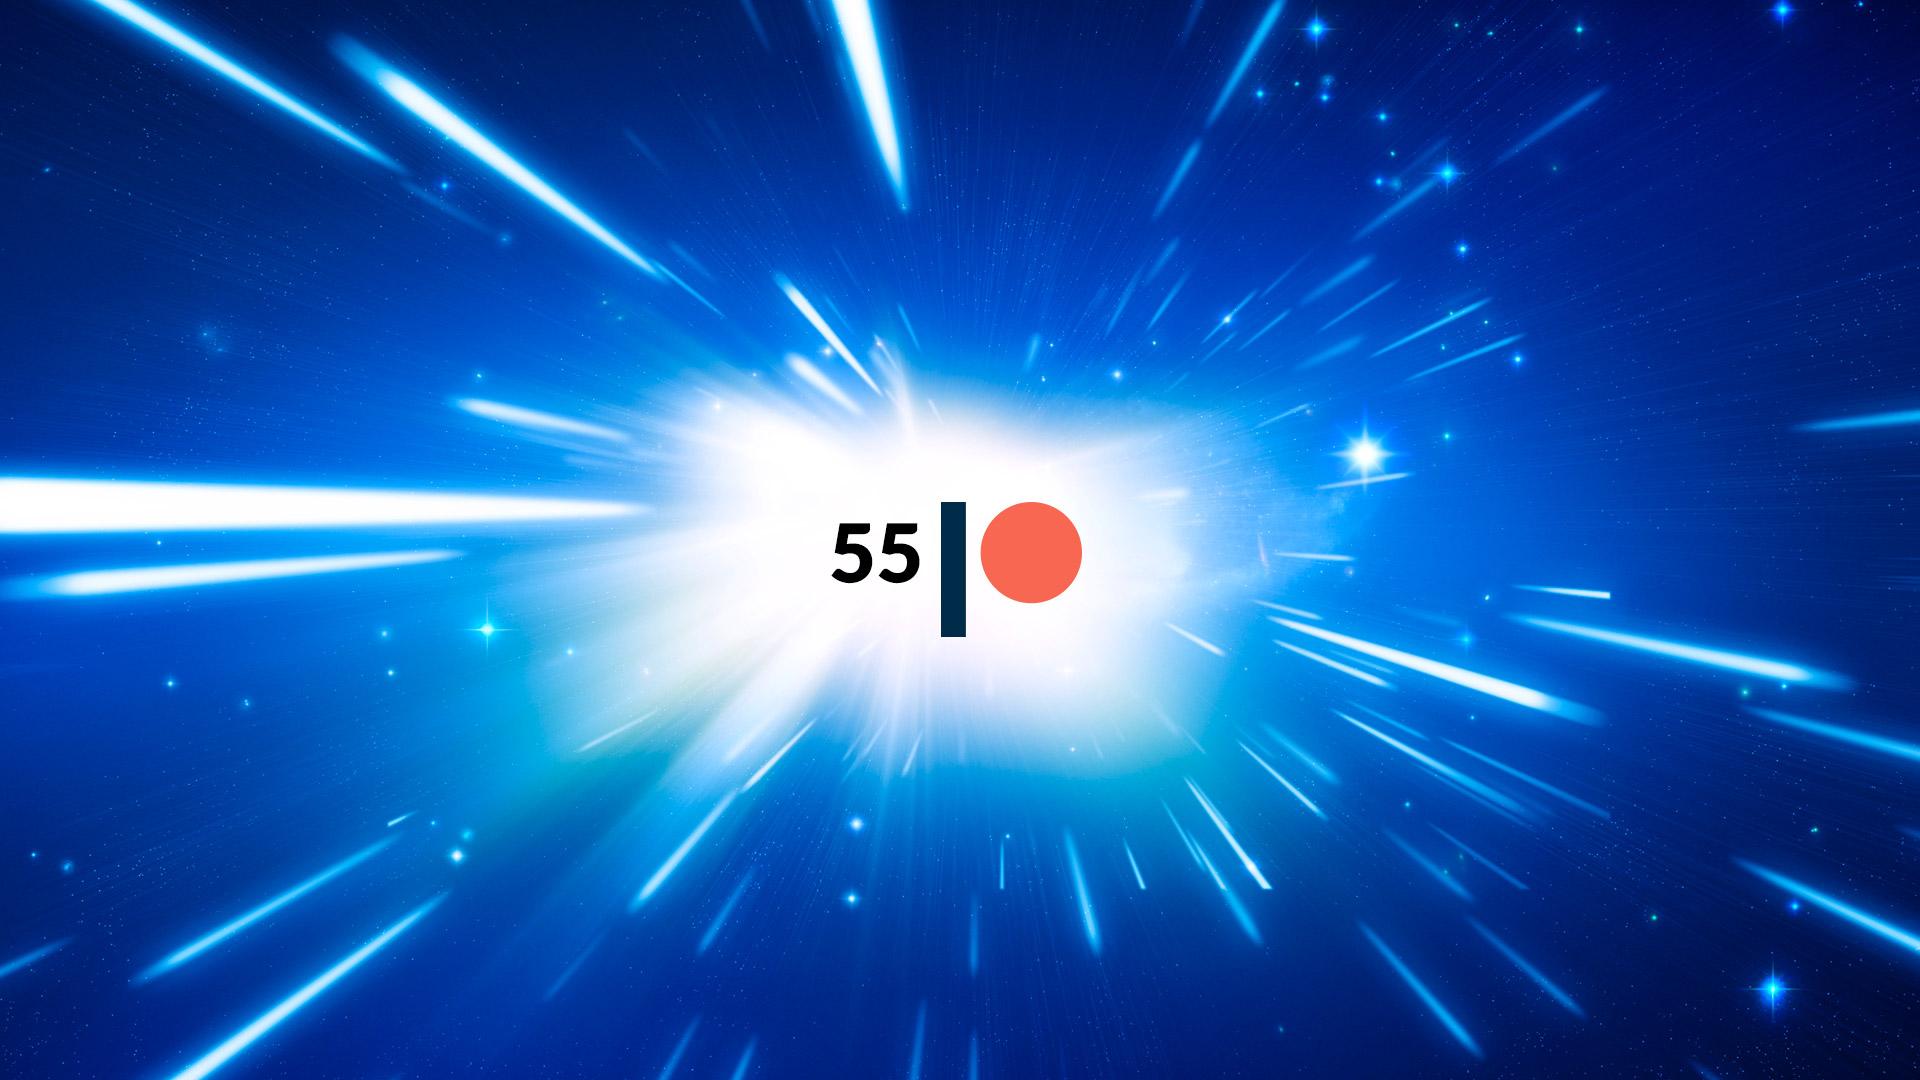 PR-55-Widescreen.jpg